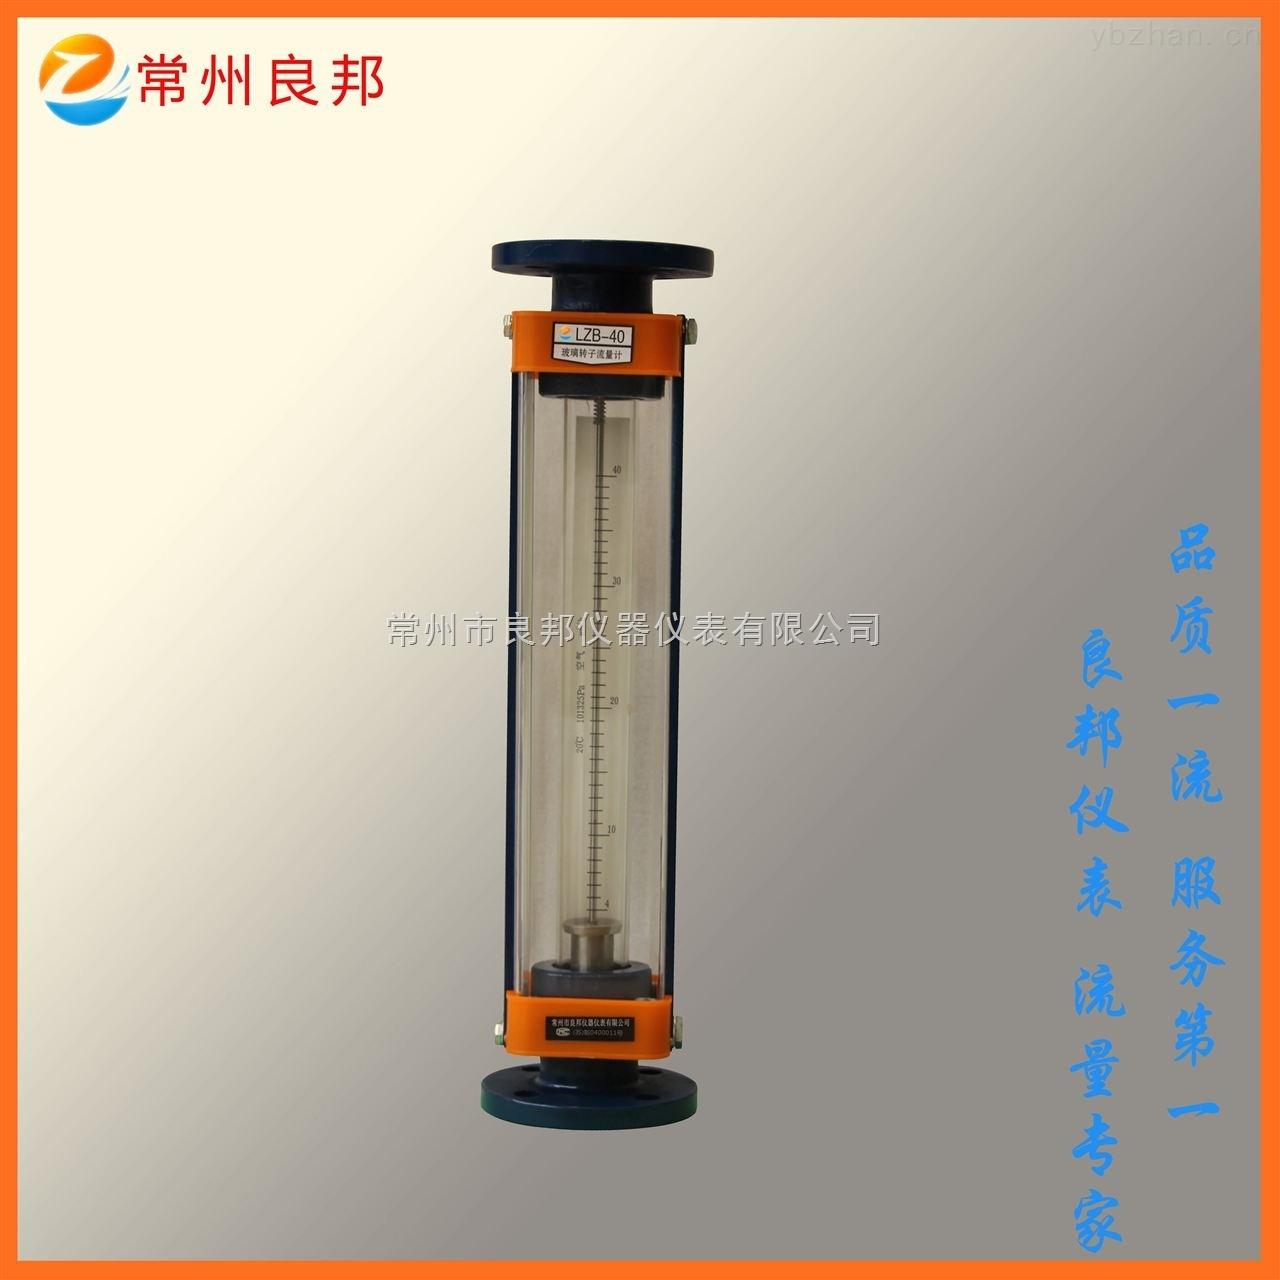 LZB-40-LZB空气流量计哪家尺寸Z全?玻璃转子流量计厂家选型